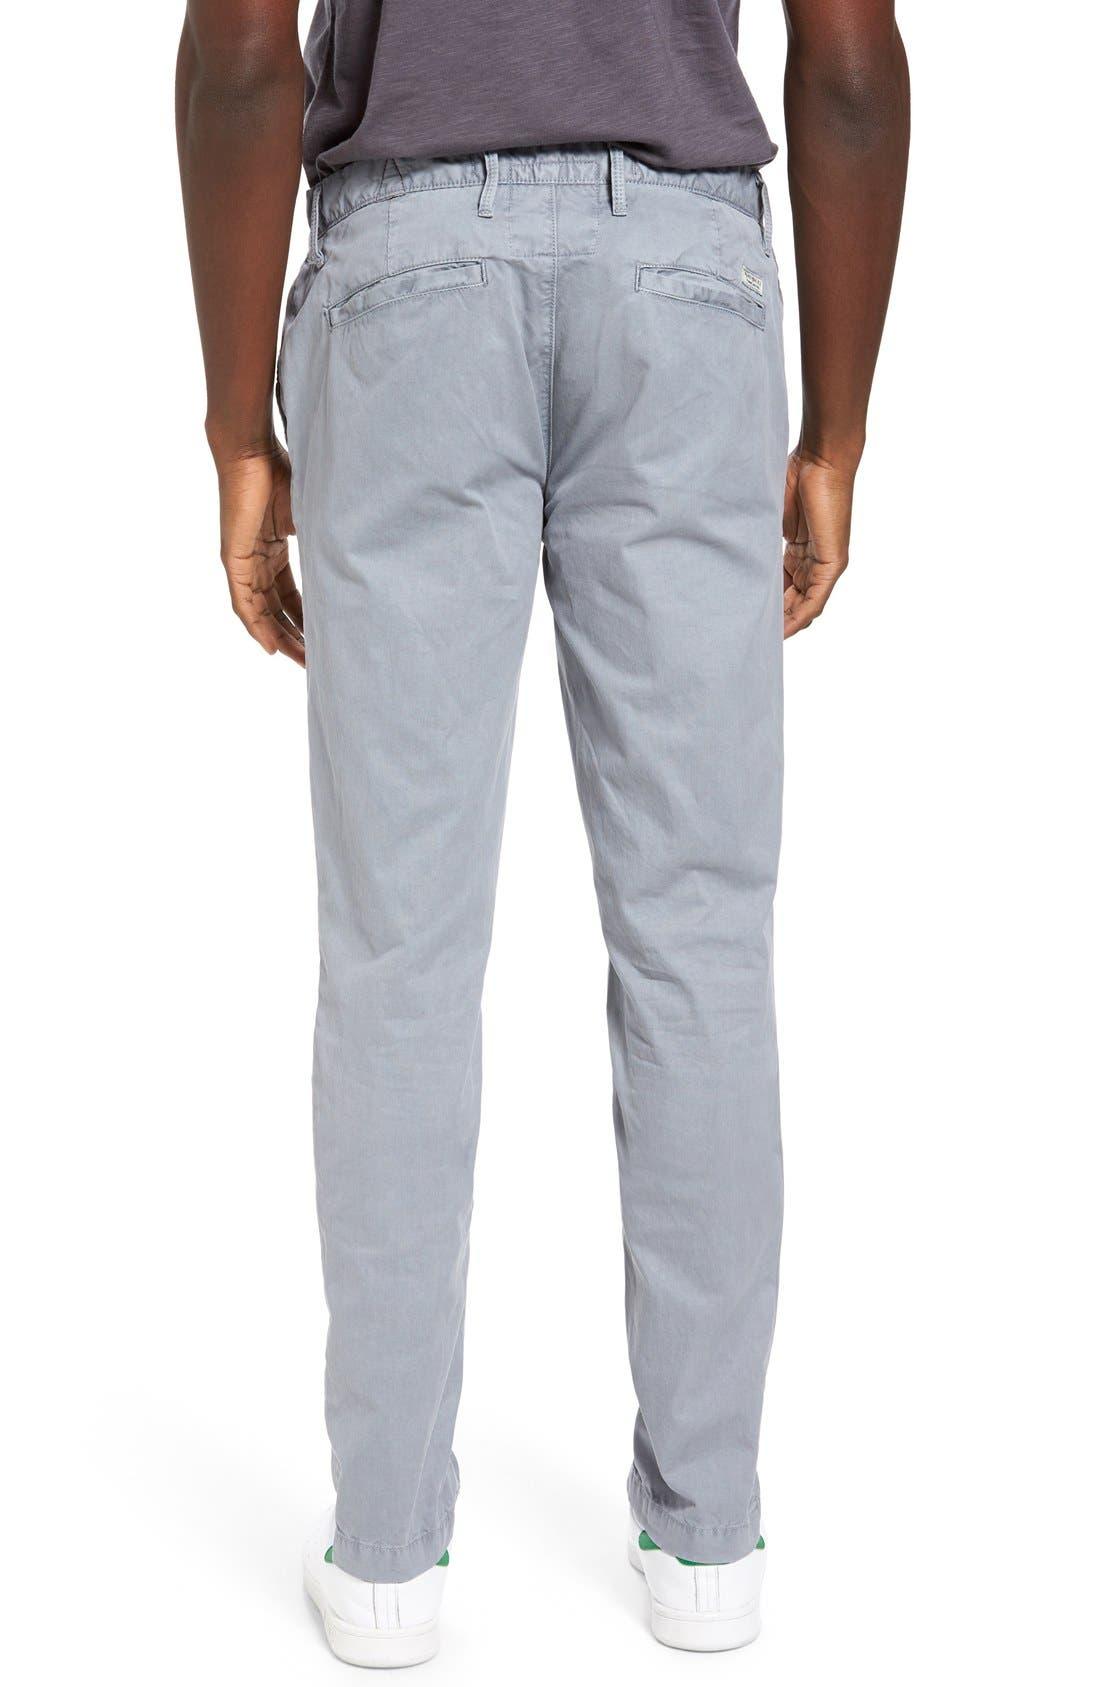 Bloomington Chino Pants,                             Main thumbnail 1, color,                             020